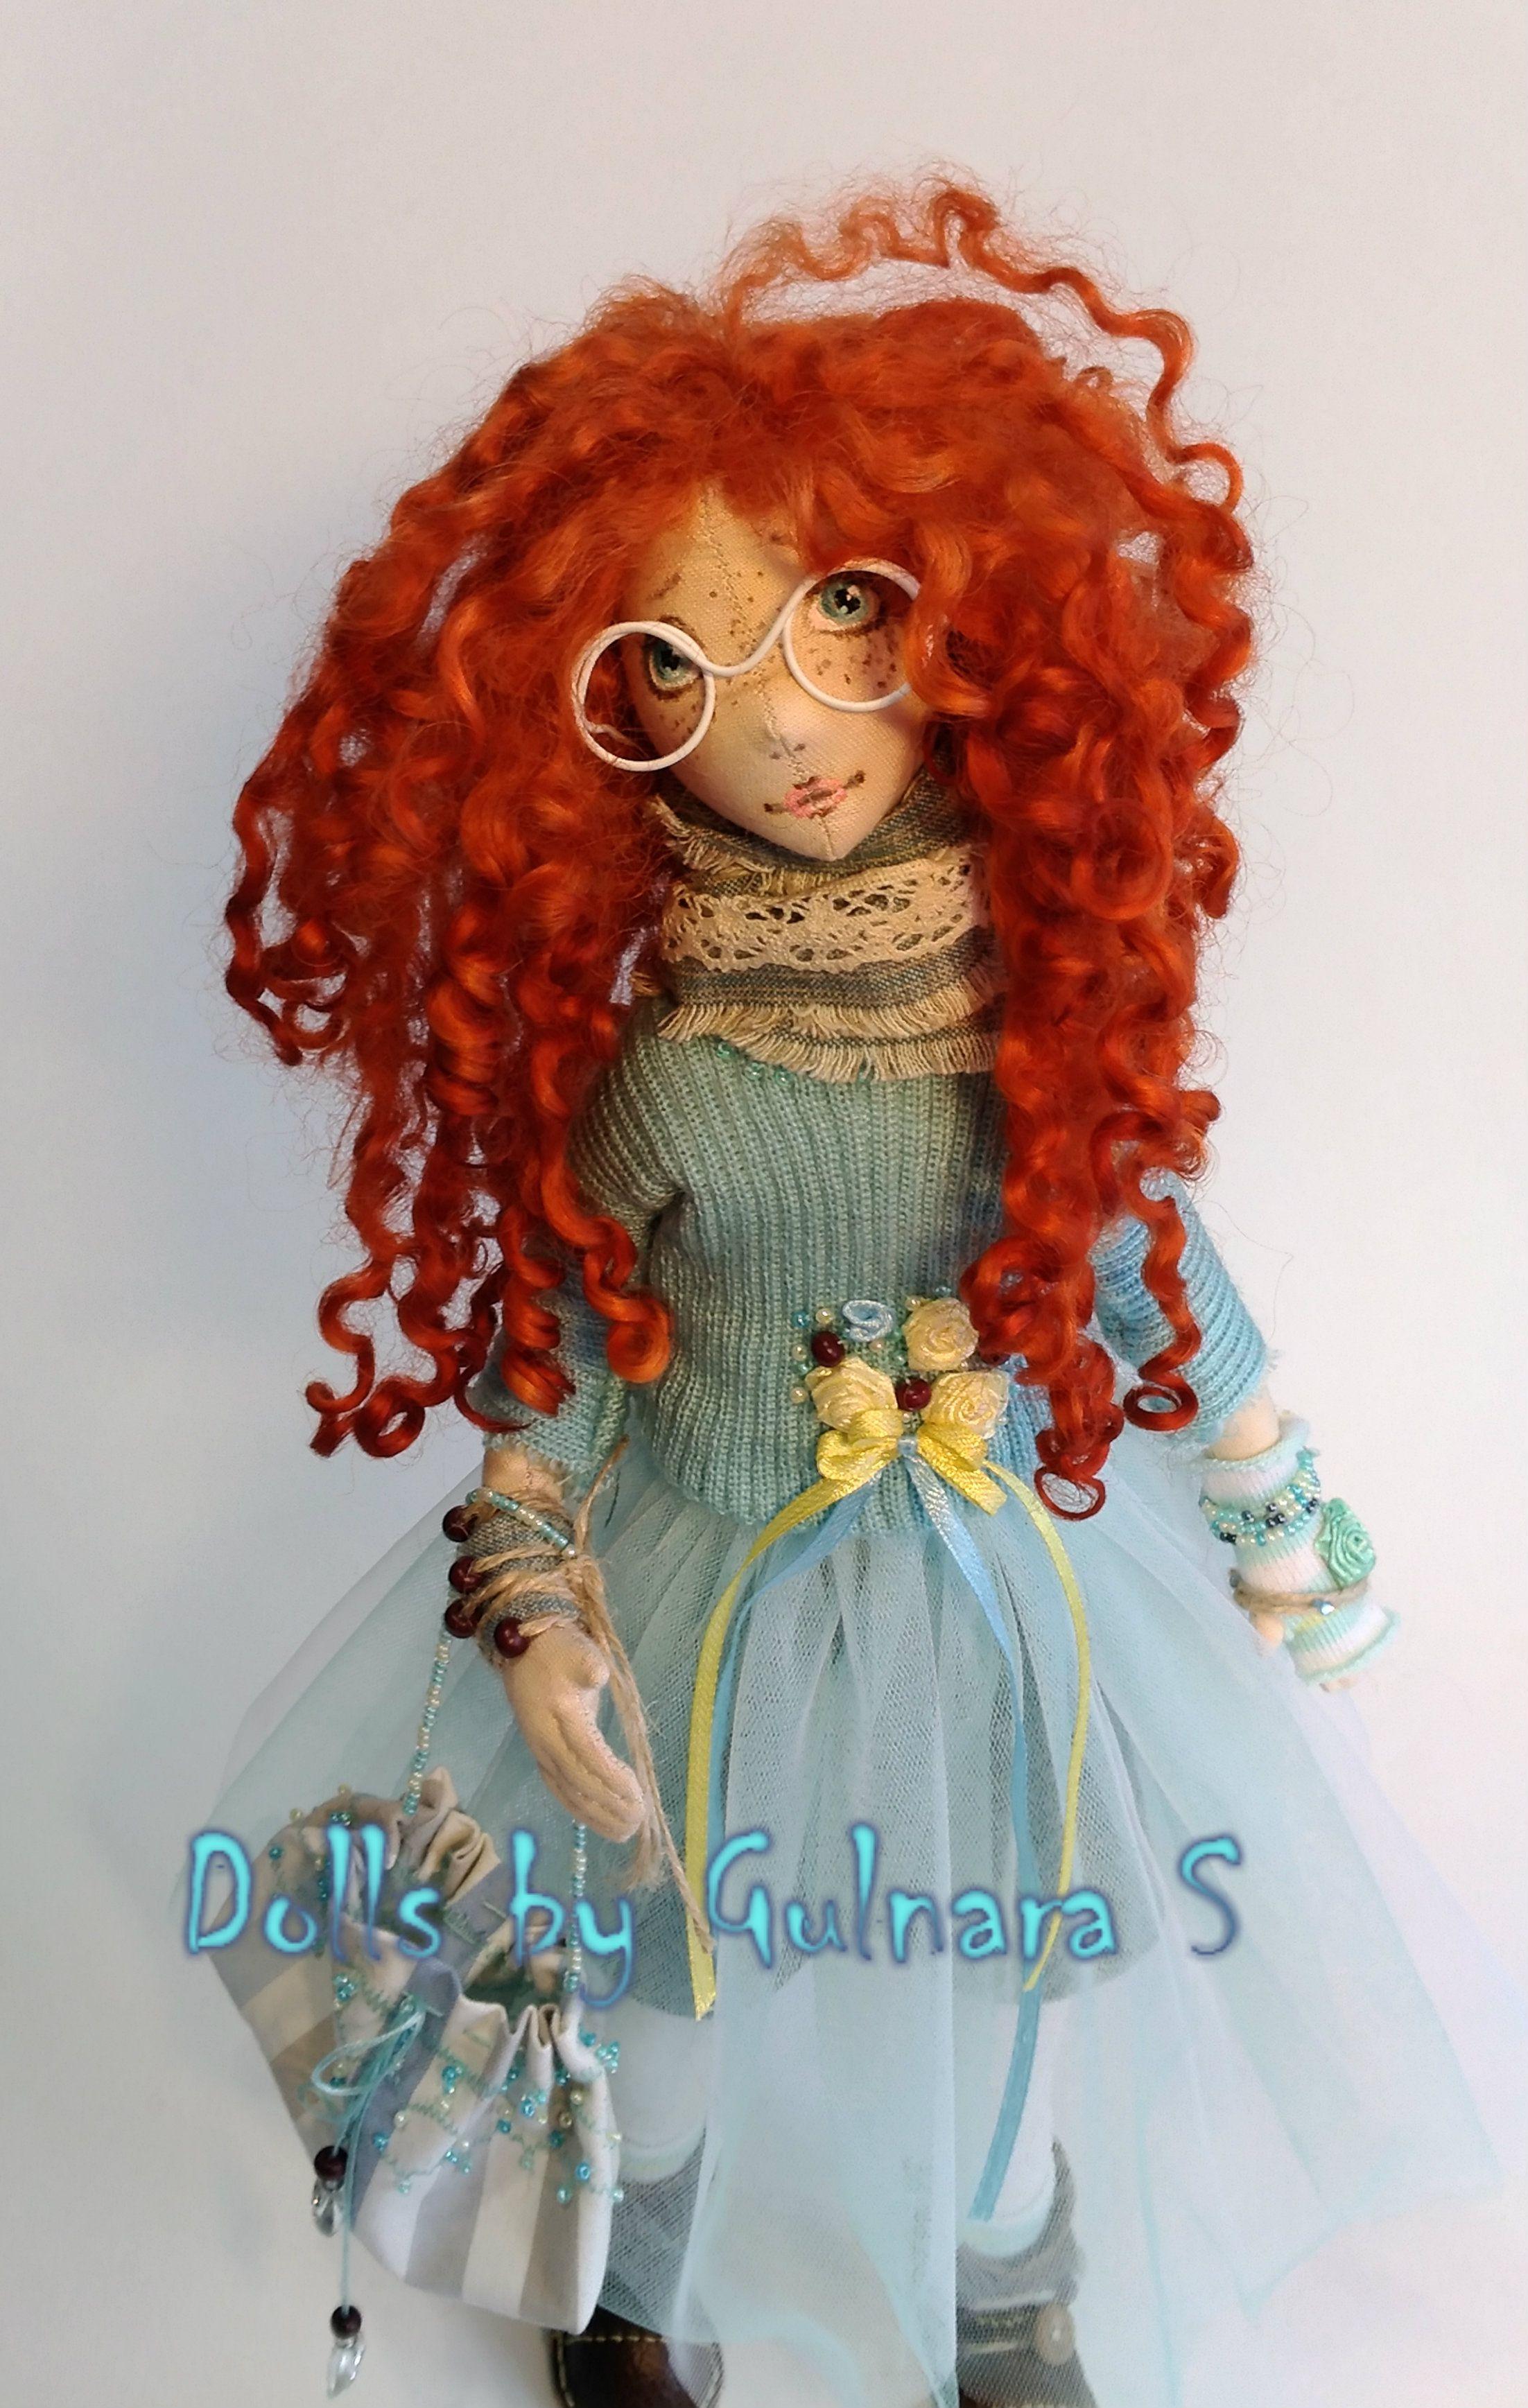 tilda авторская ручная купить куклу работа кукла тильдаhandmade оригинальный подарок